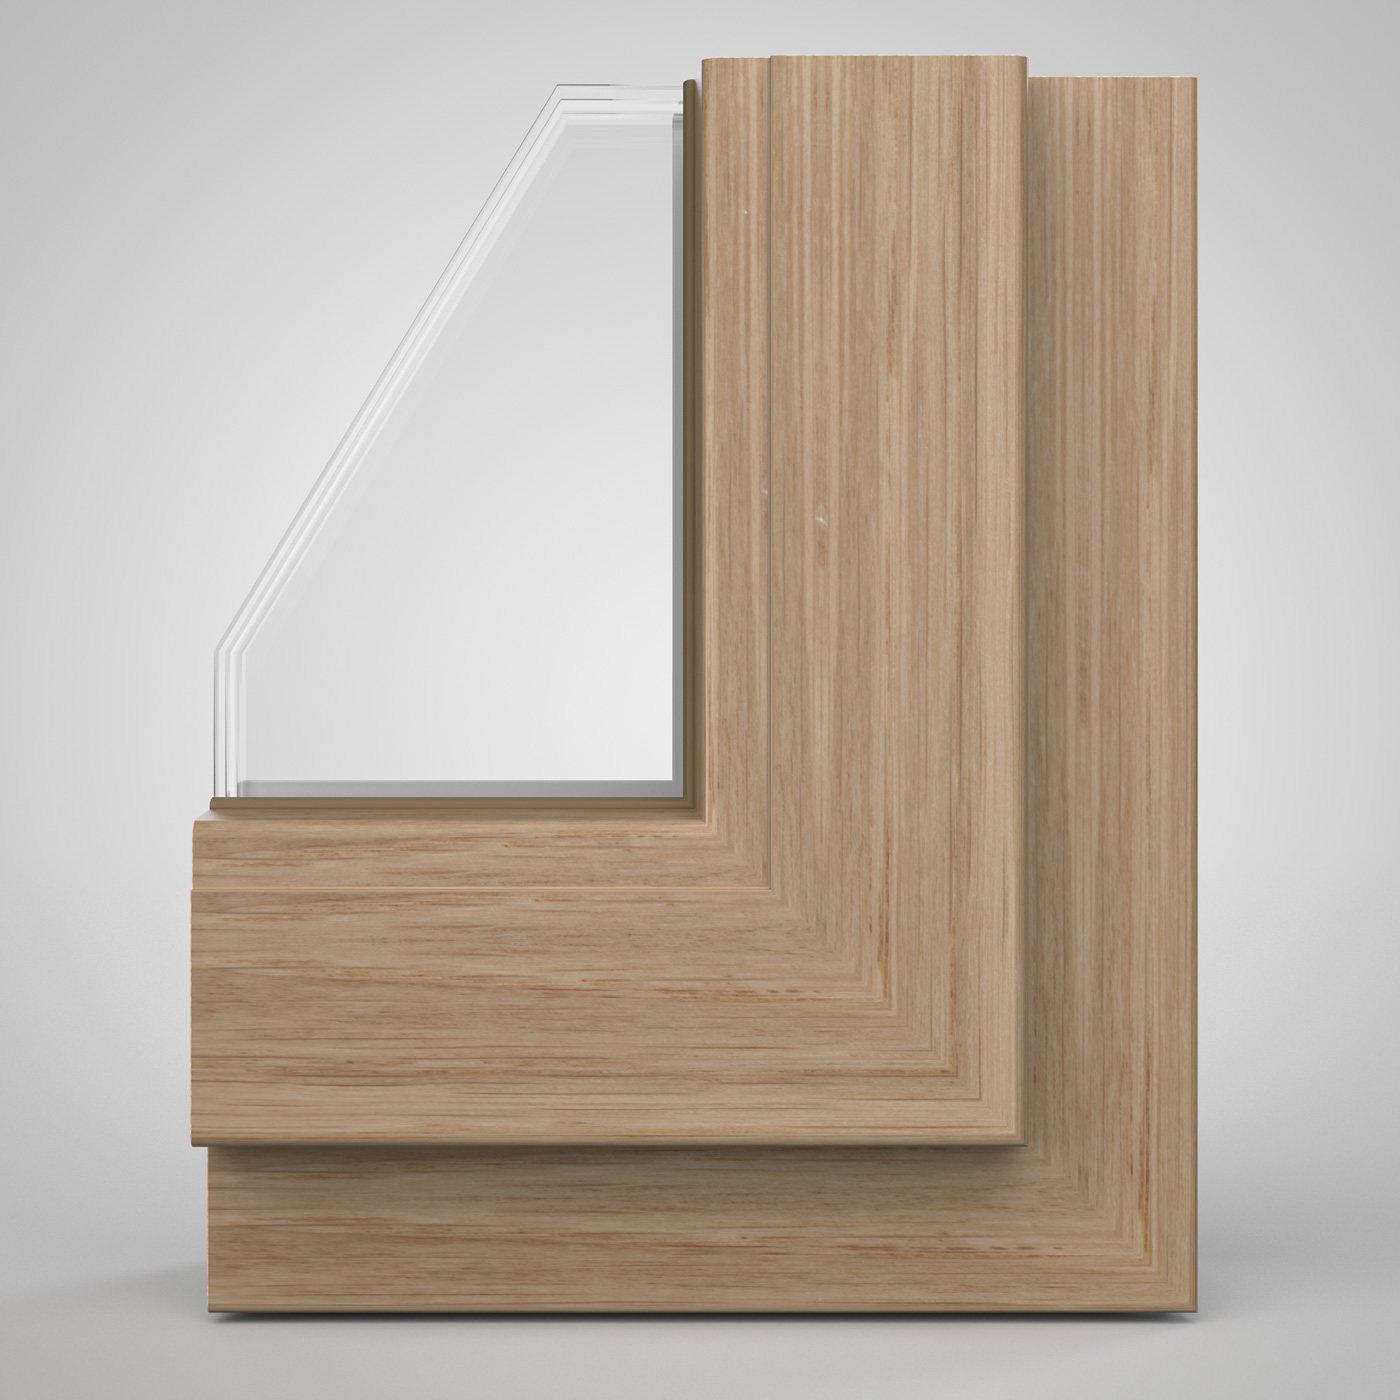 Serramenti in legno pvc for Serramenti pvc legno